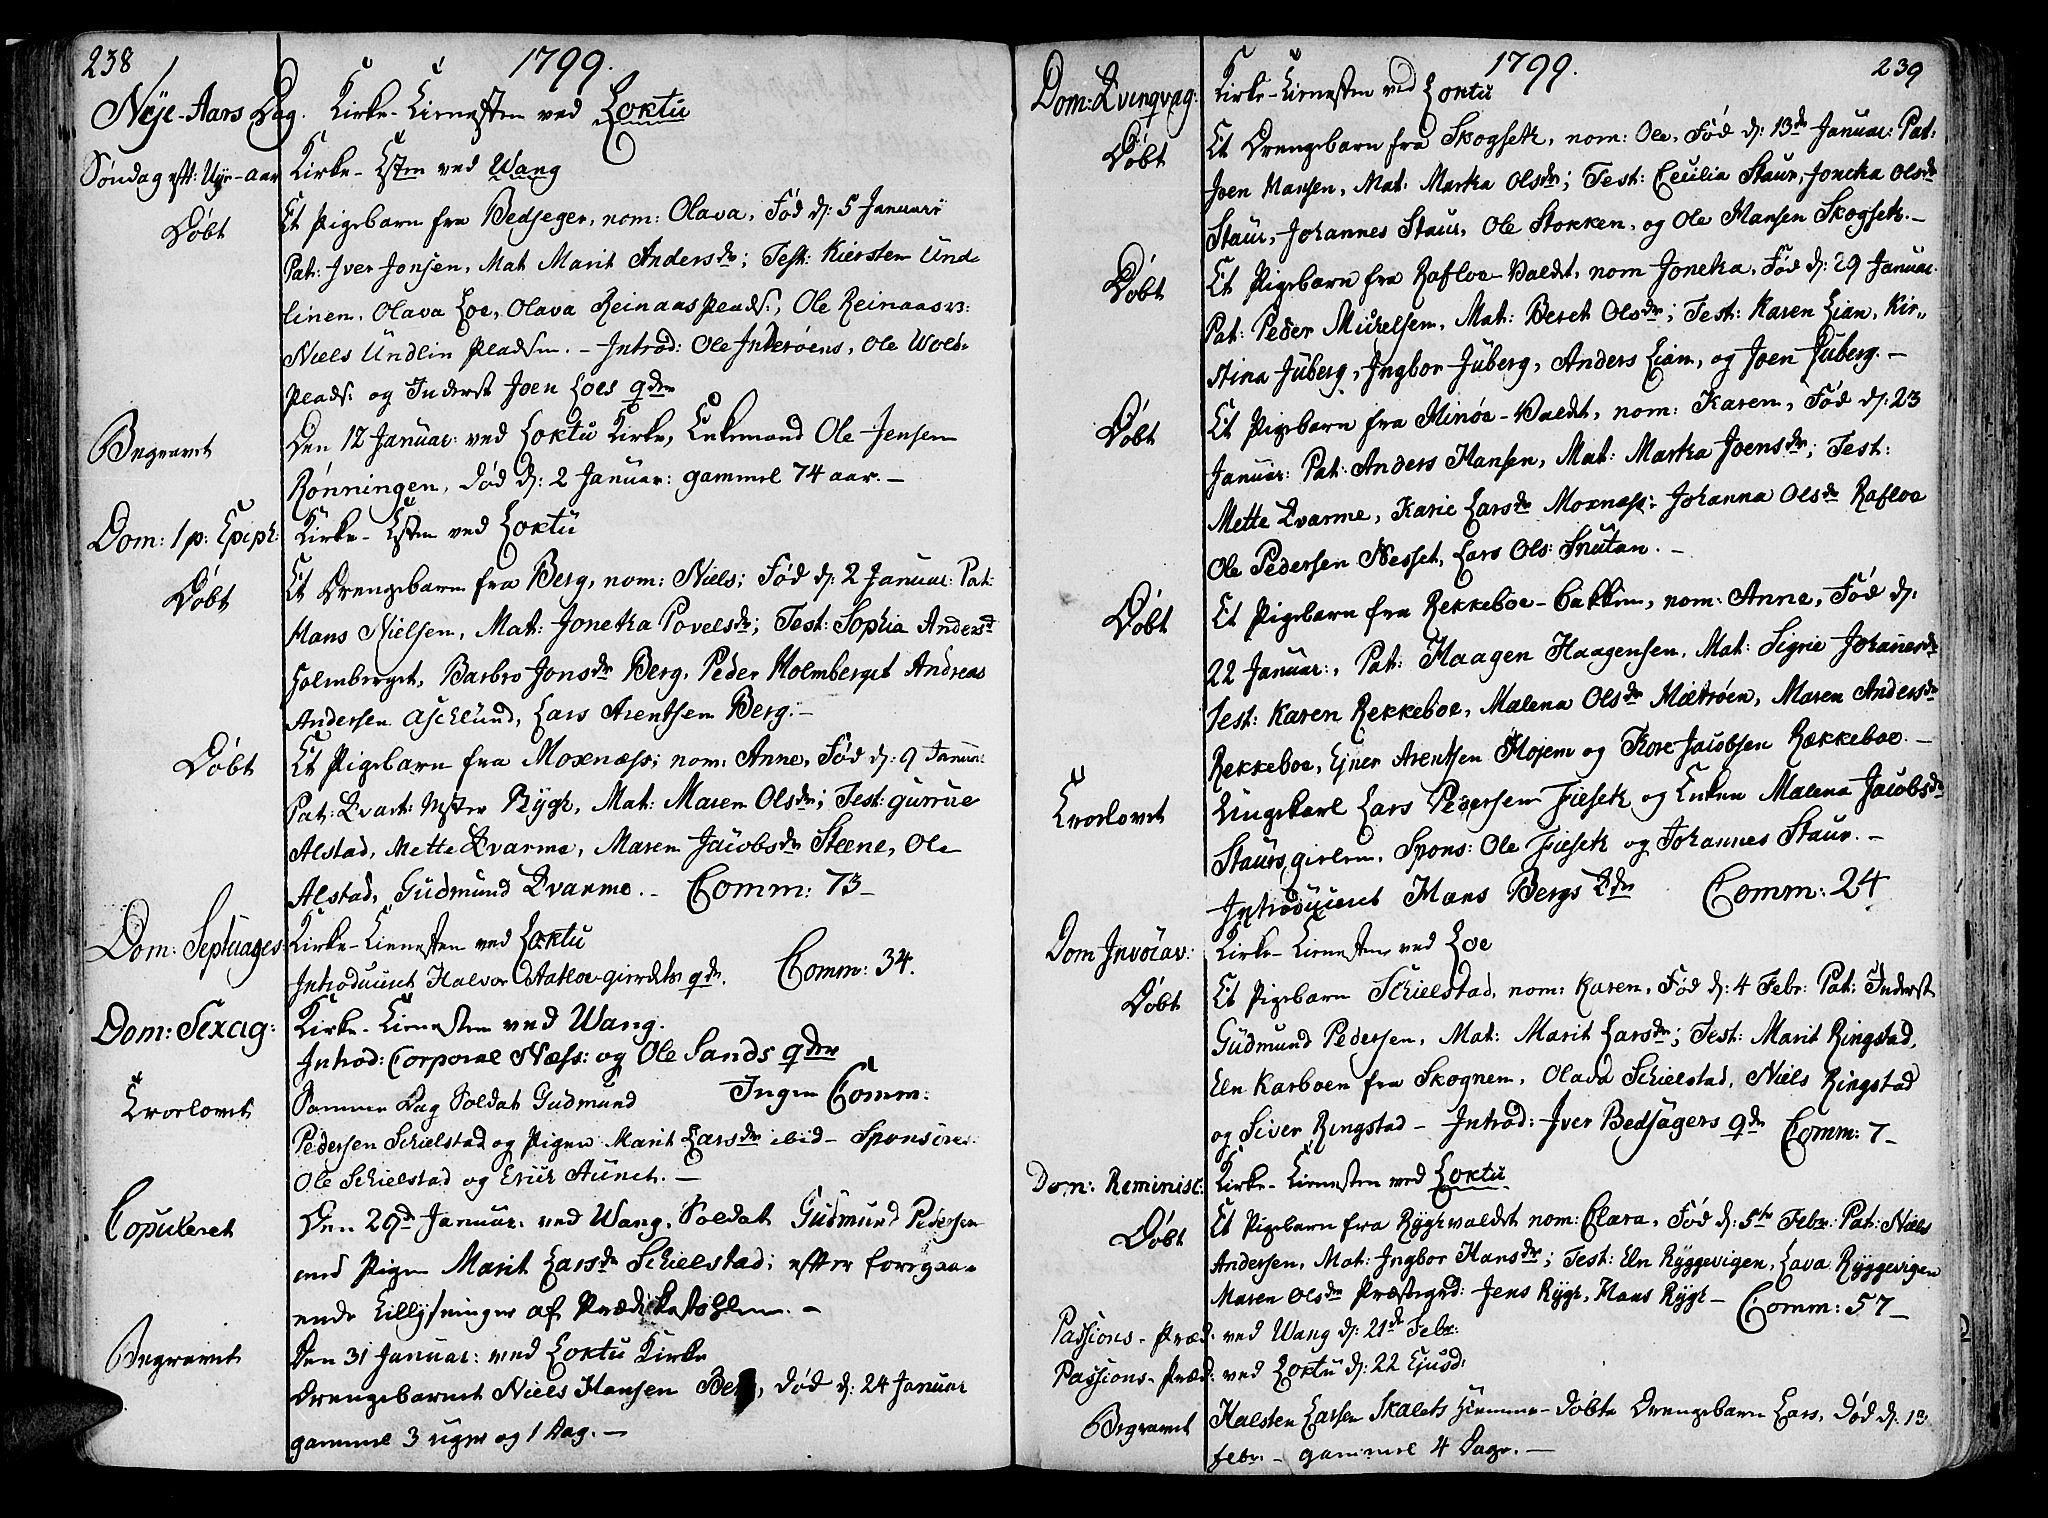 SAT, Ministerialprotokoller, klokkerbøker og fødselsregistre - Nord-Trøndelag, 713/L0110: Ministerialbok nr. 713A02, 1778-1811, s. 238-239